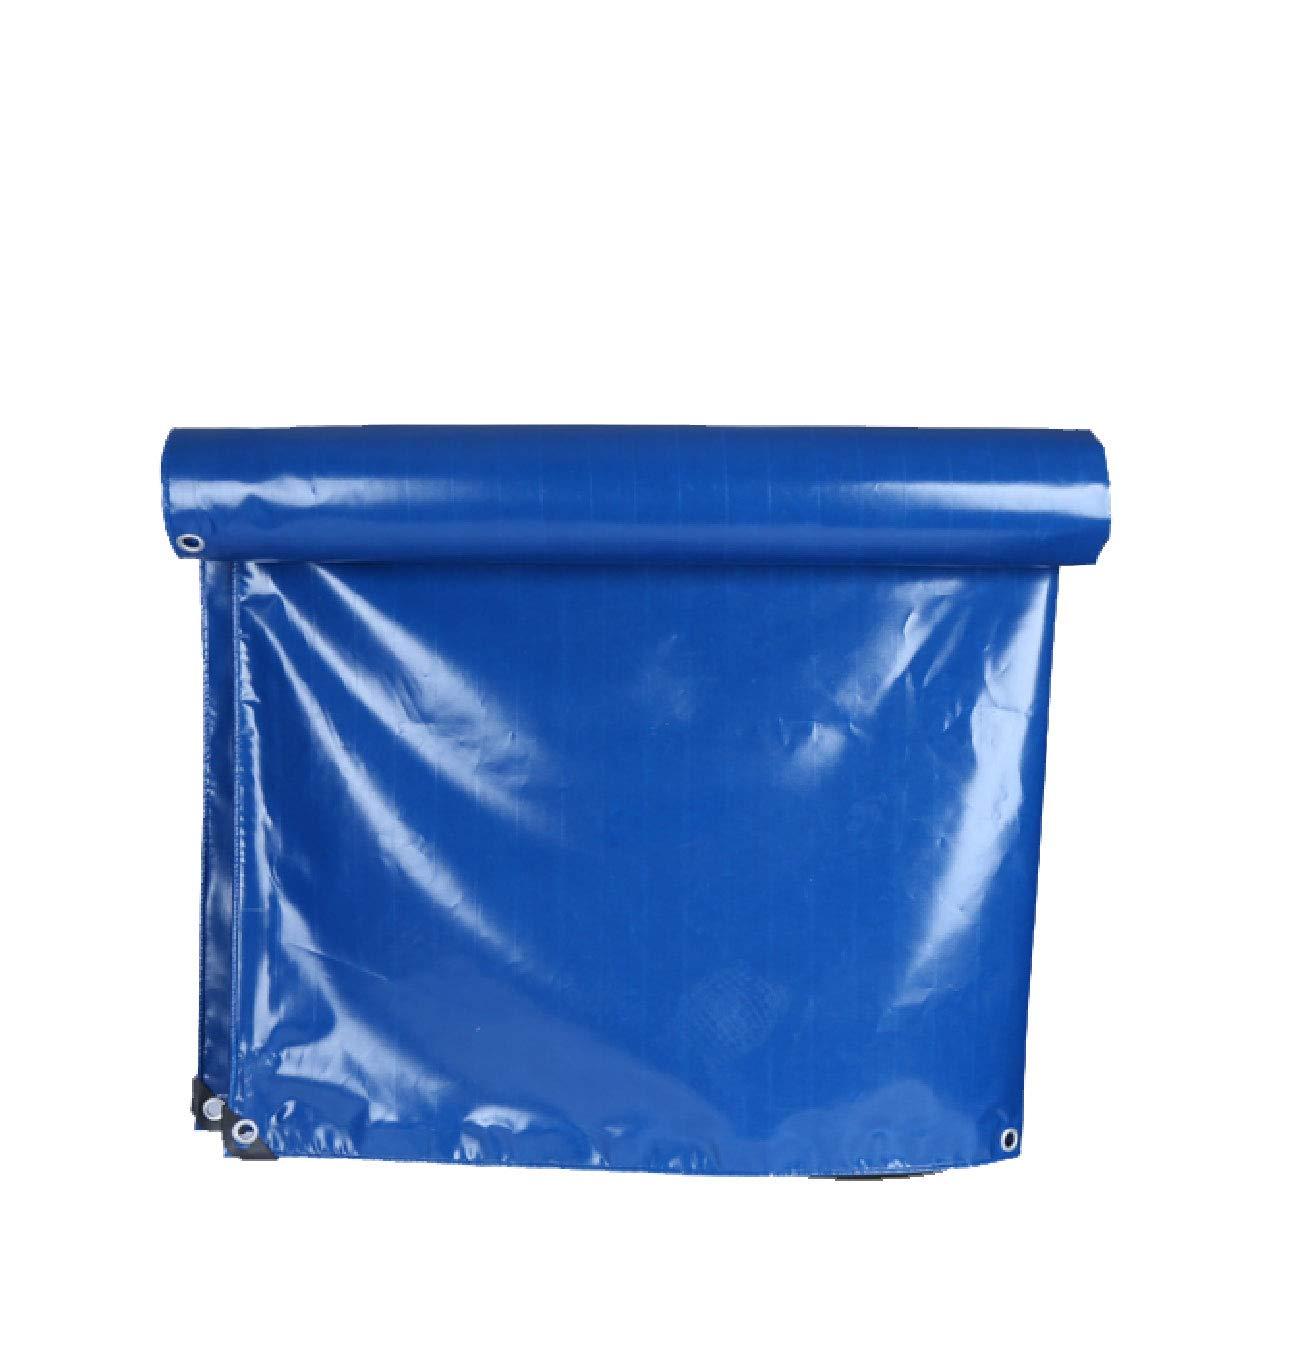 Qwertuiip Tarpaulin Wasserdichtes Tuch, PVC hellblau PVC Tuch, Wasserdichte Sonnencreme verschleißfestem Tuch Messer zieht Ultra-leichte Auto LKW-Plane Leinwand Planen Vielzahl von Größenauswahl 0630a0